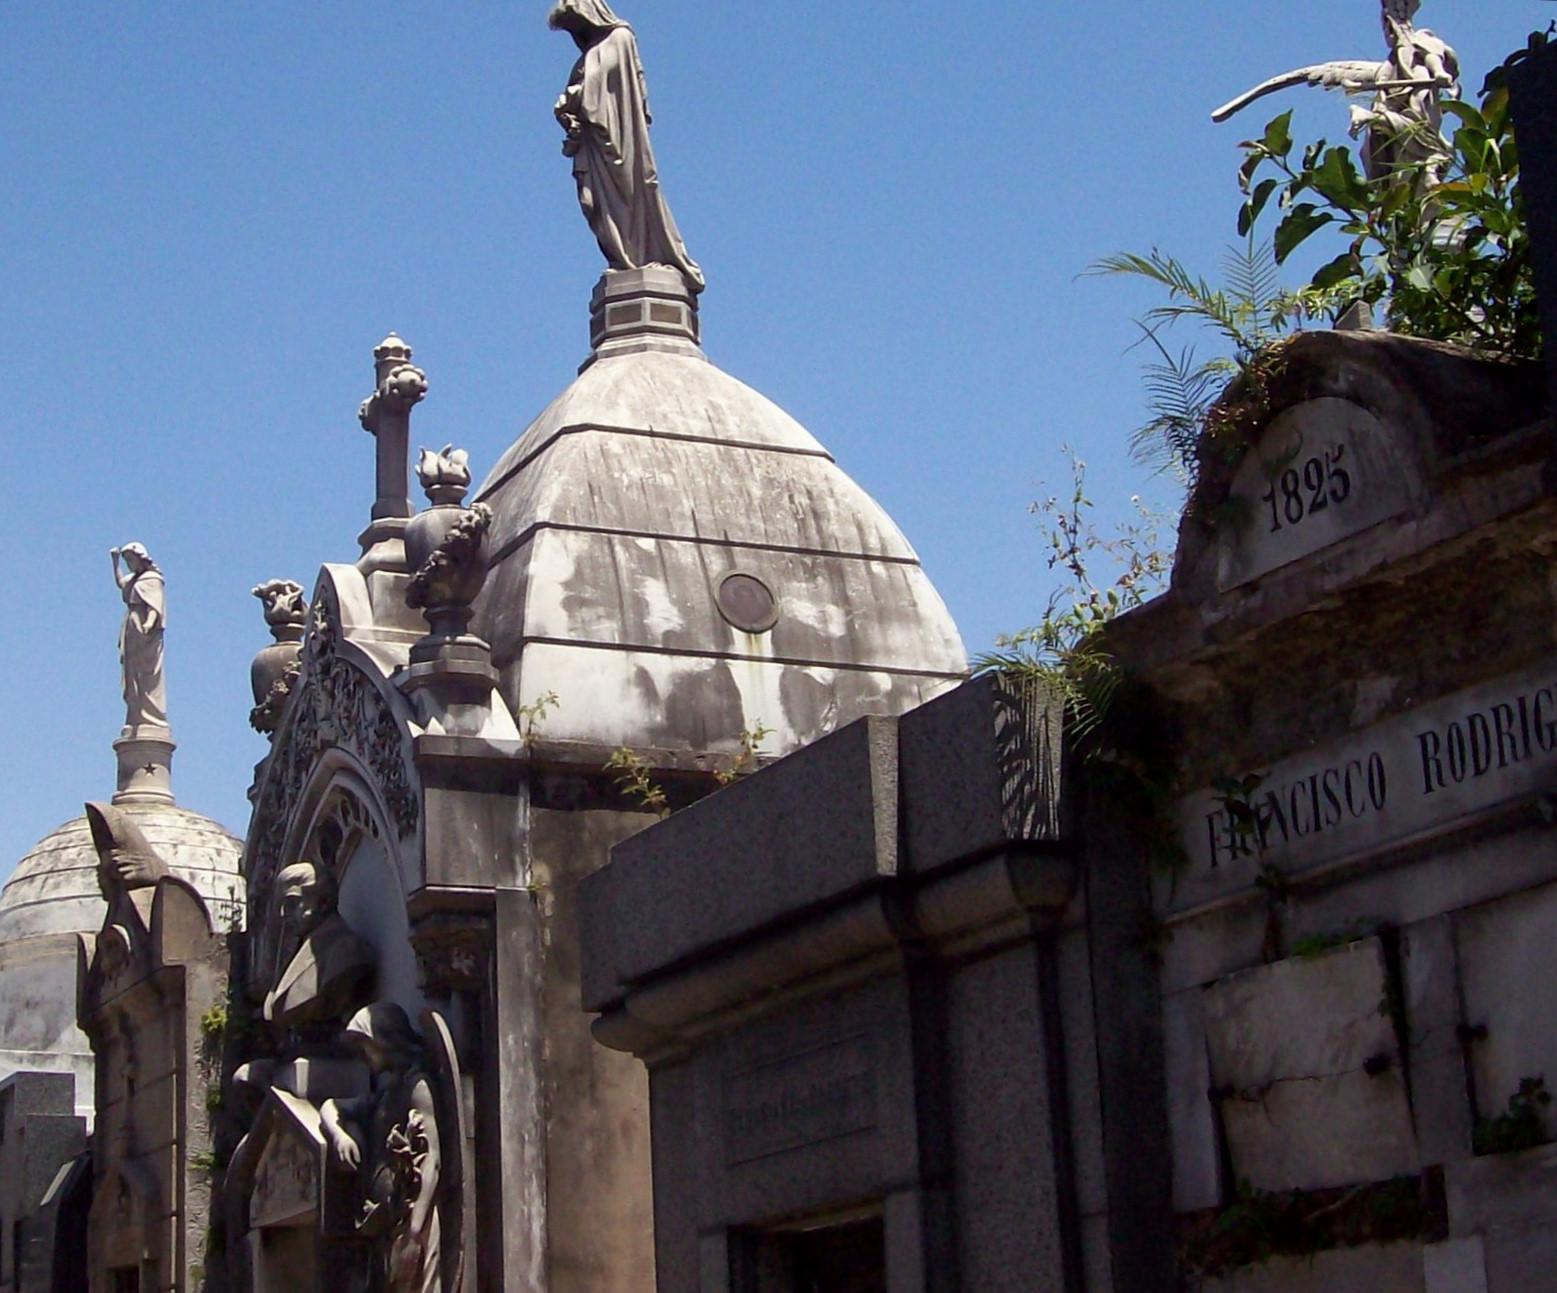 La Recoleta - Buenos Aires